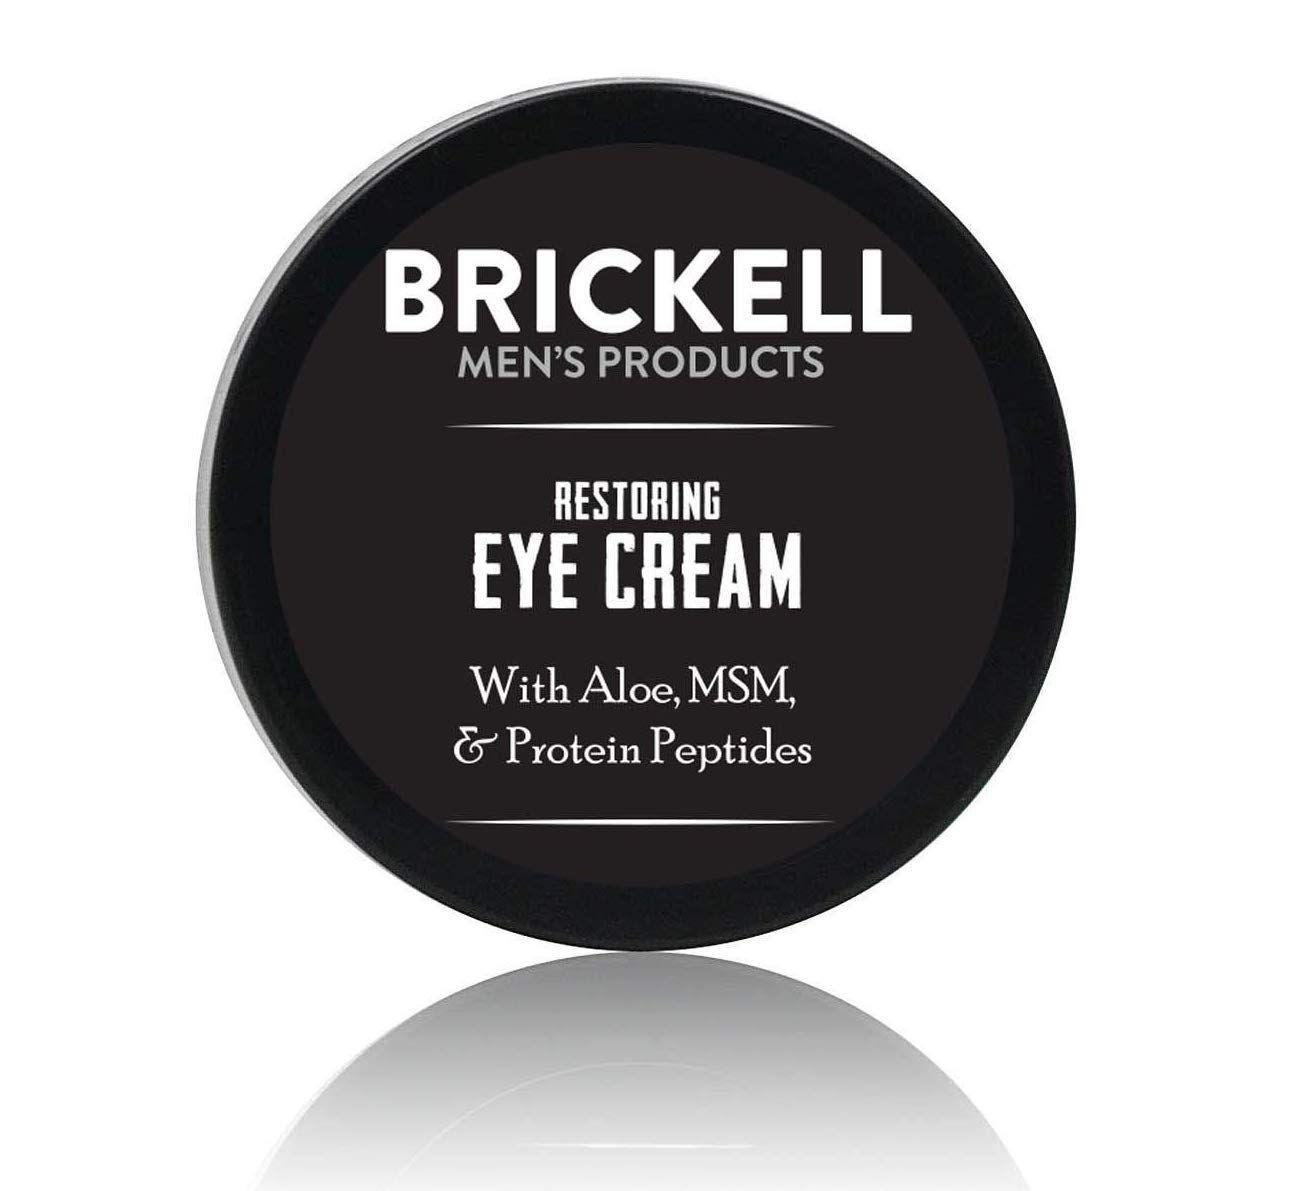 Brickell Restoring Eye Cream